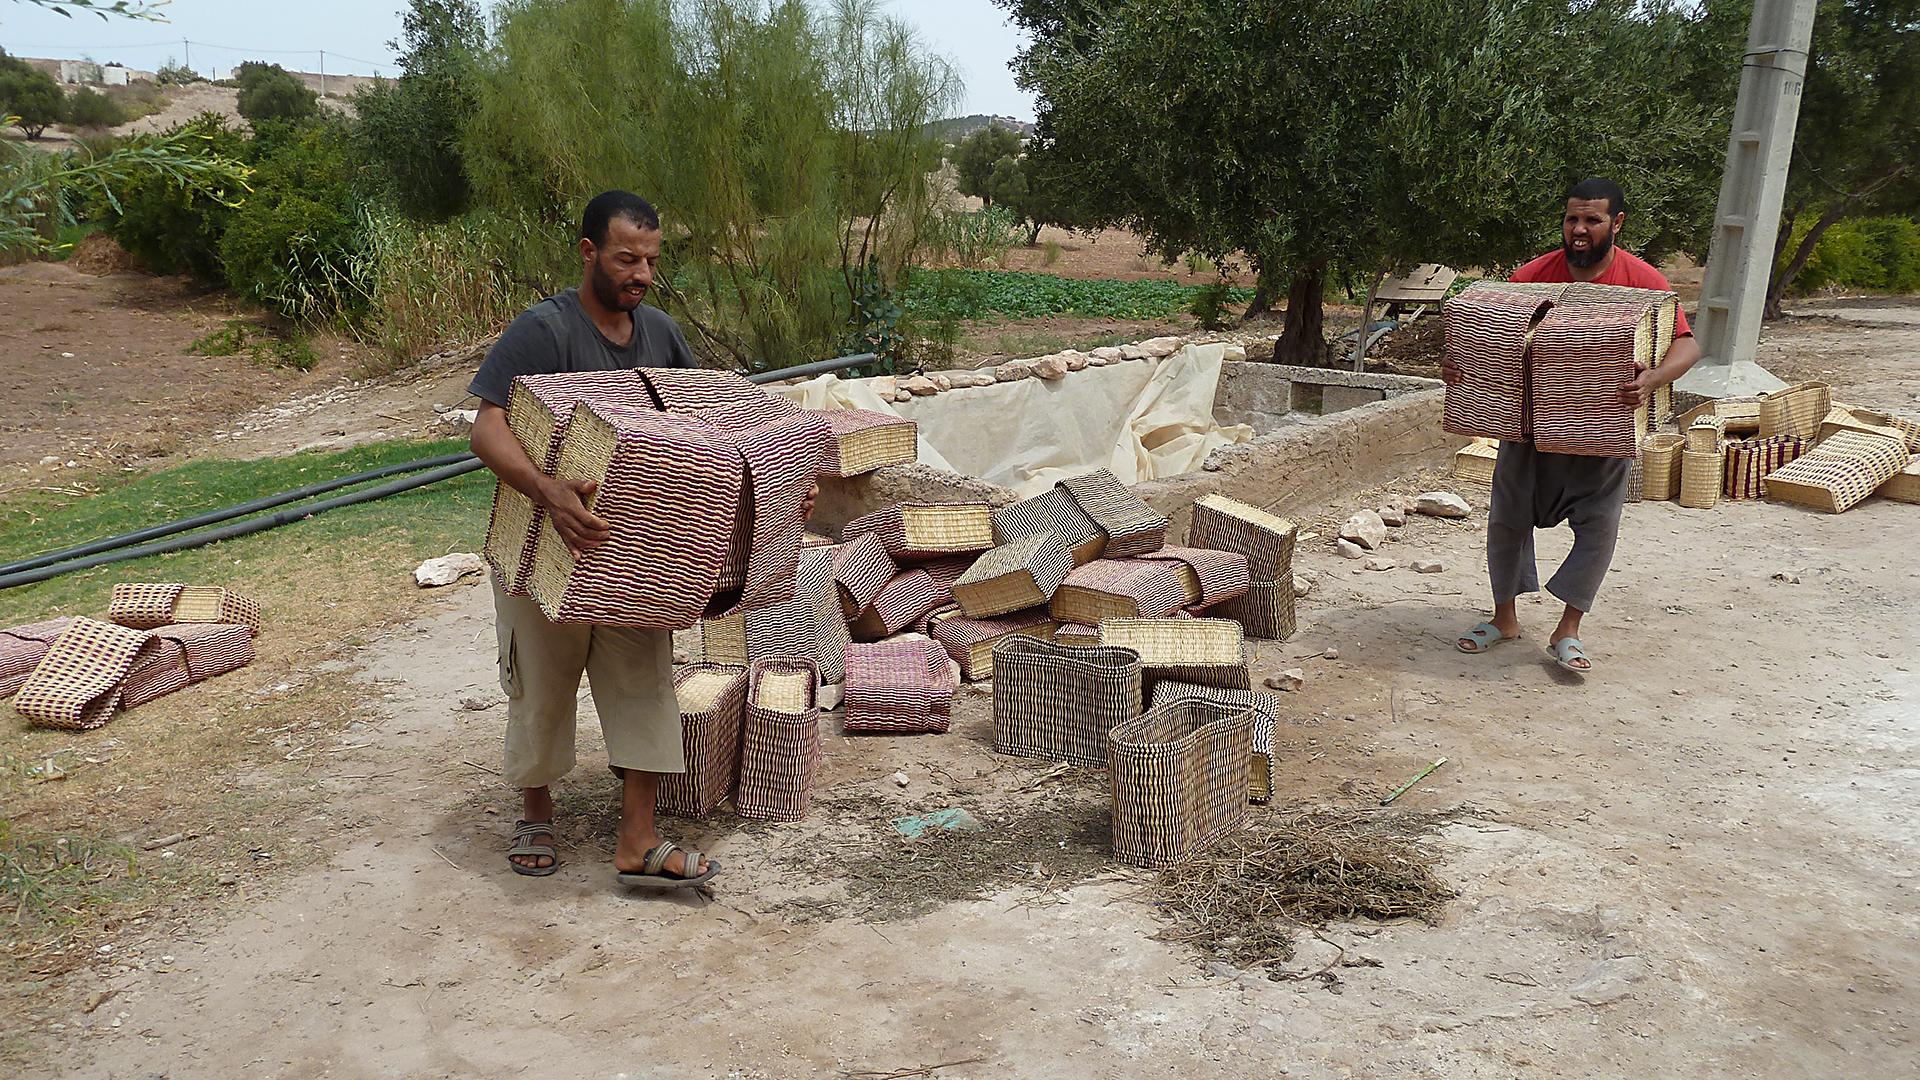 Chancen: Bei Wüstensand werden Berber ebenso wie Araber beschäftigt. Die Bevölkerungsgruppe der Berber wird in Marokko generell benachteiligt.